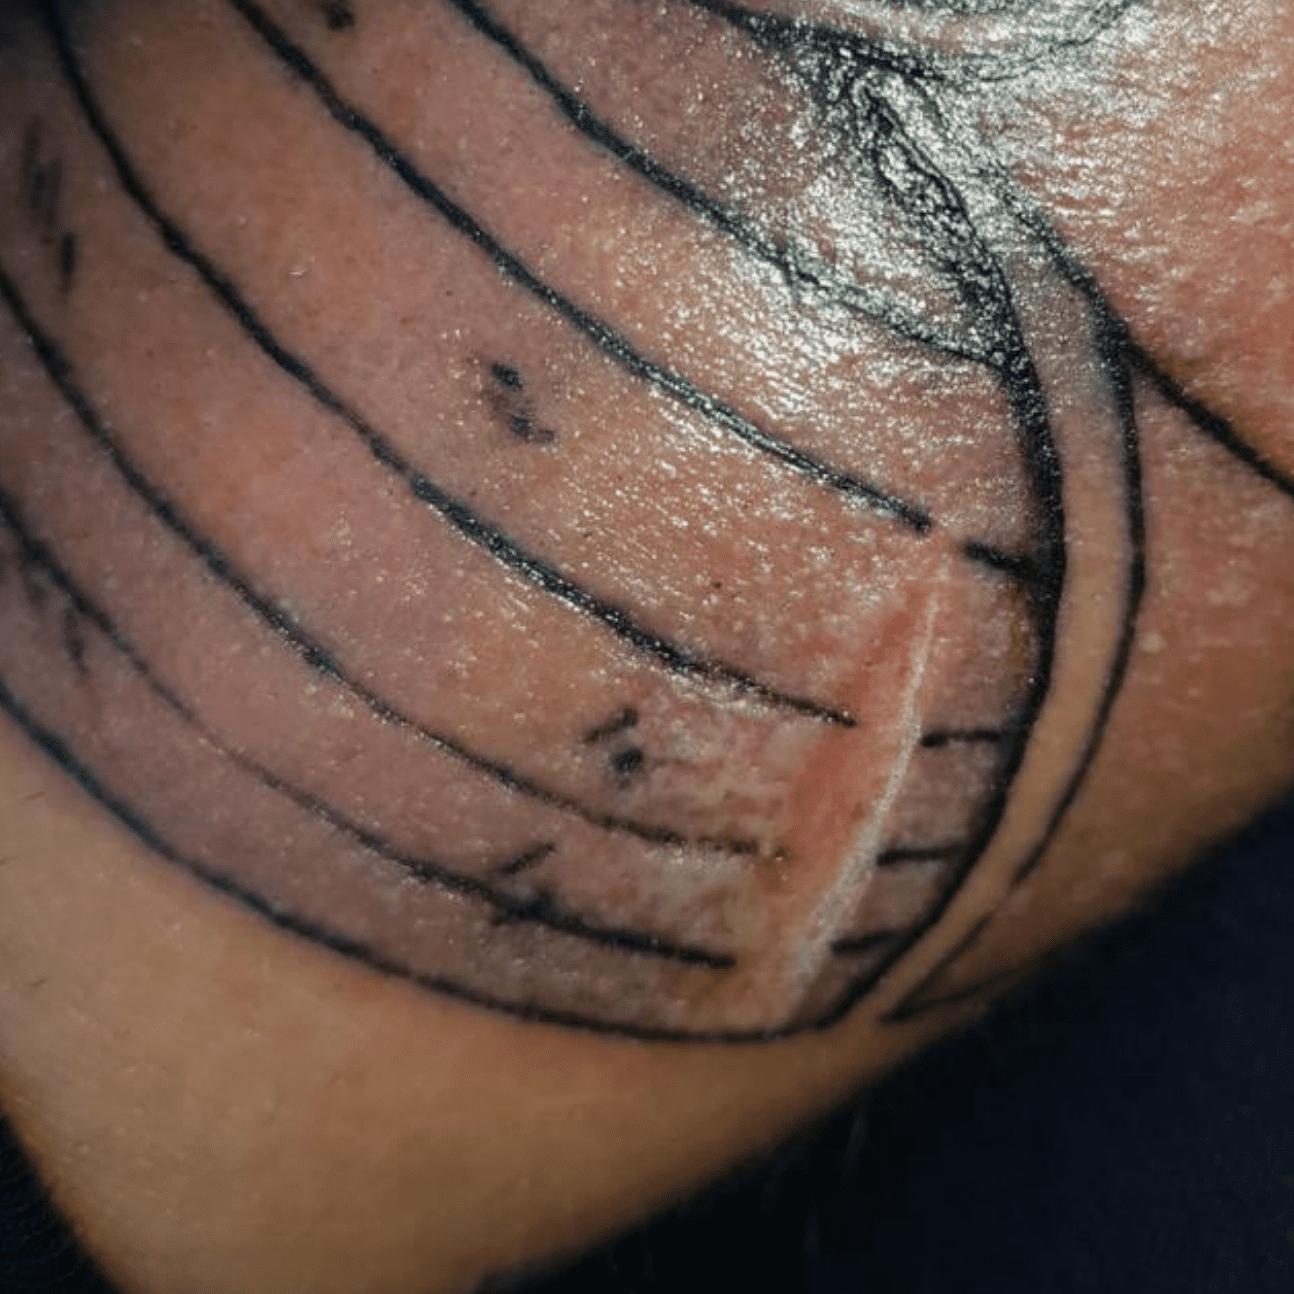 Sei allergico ai tatuaggi? Ecco come scoprirlo